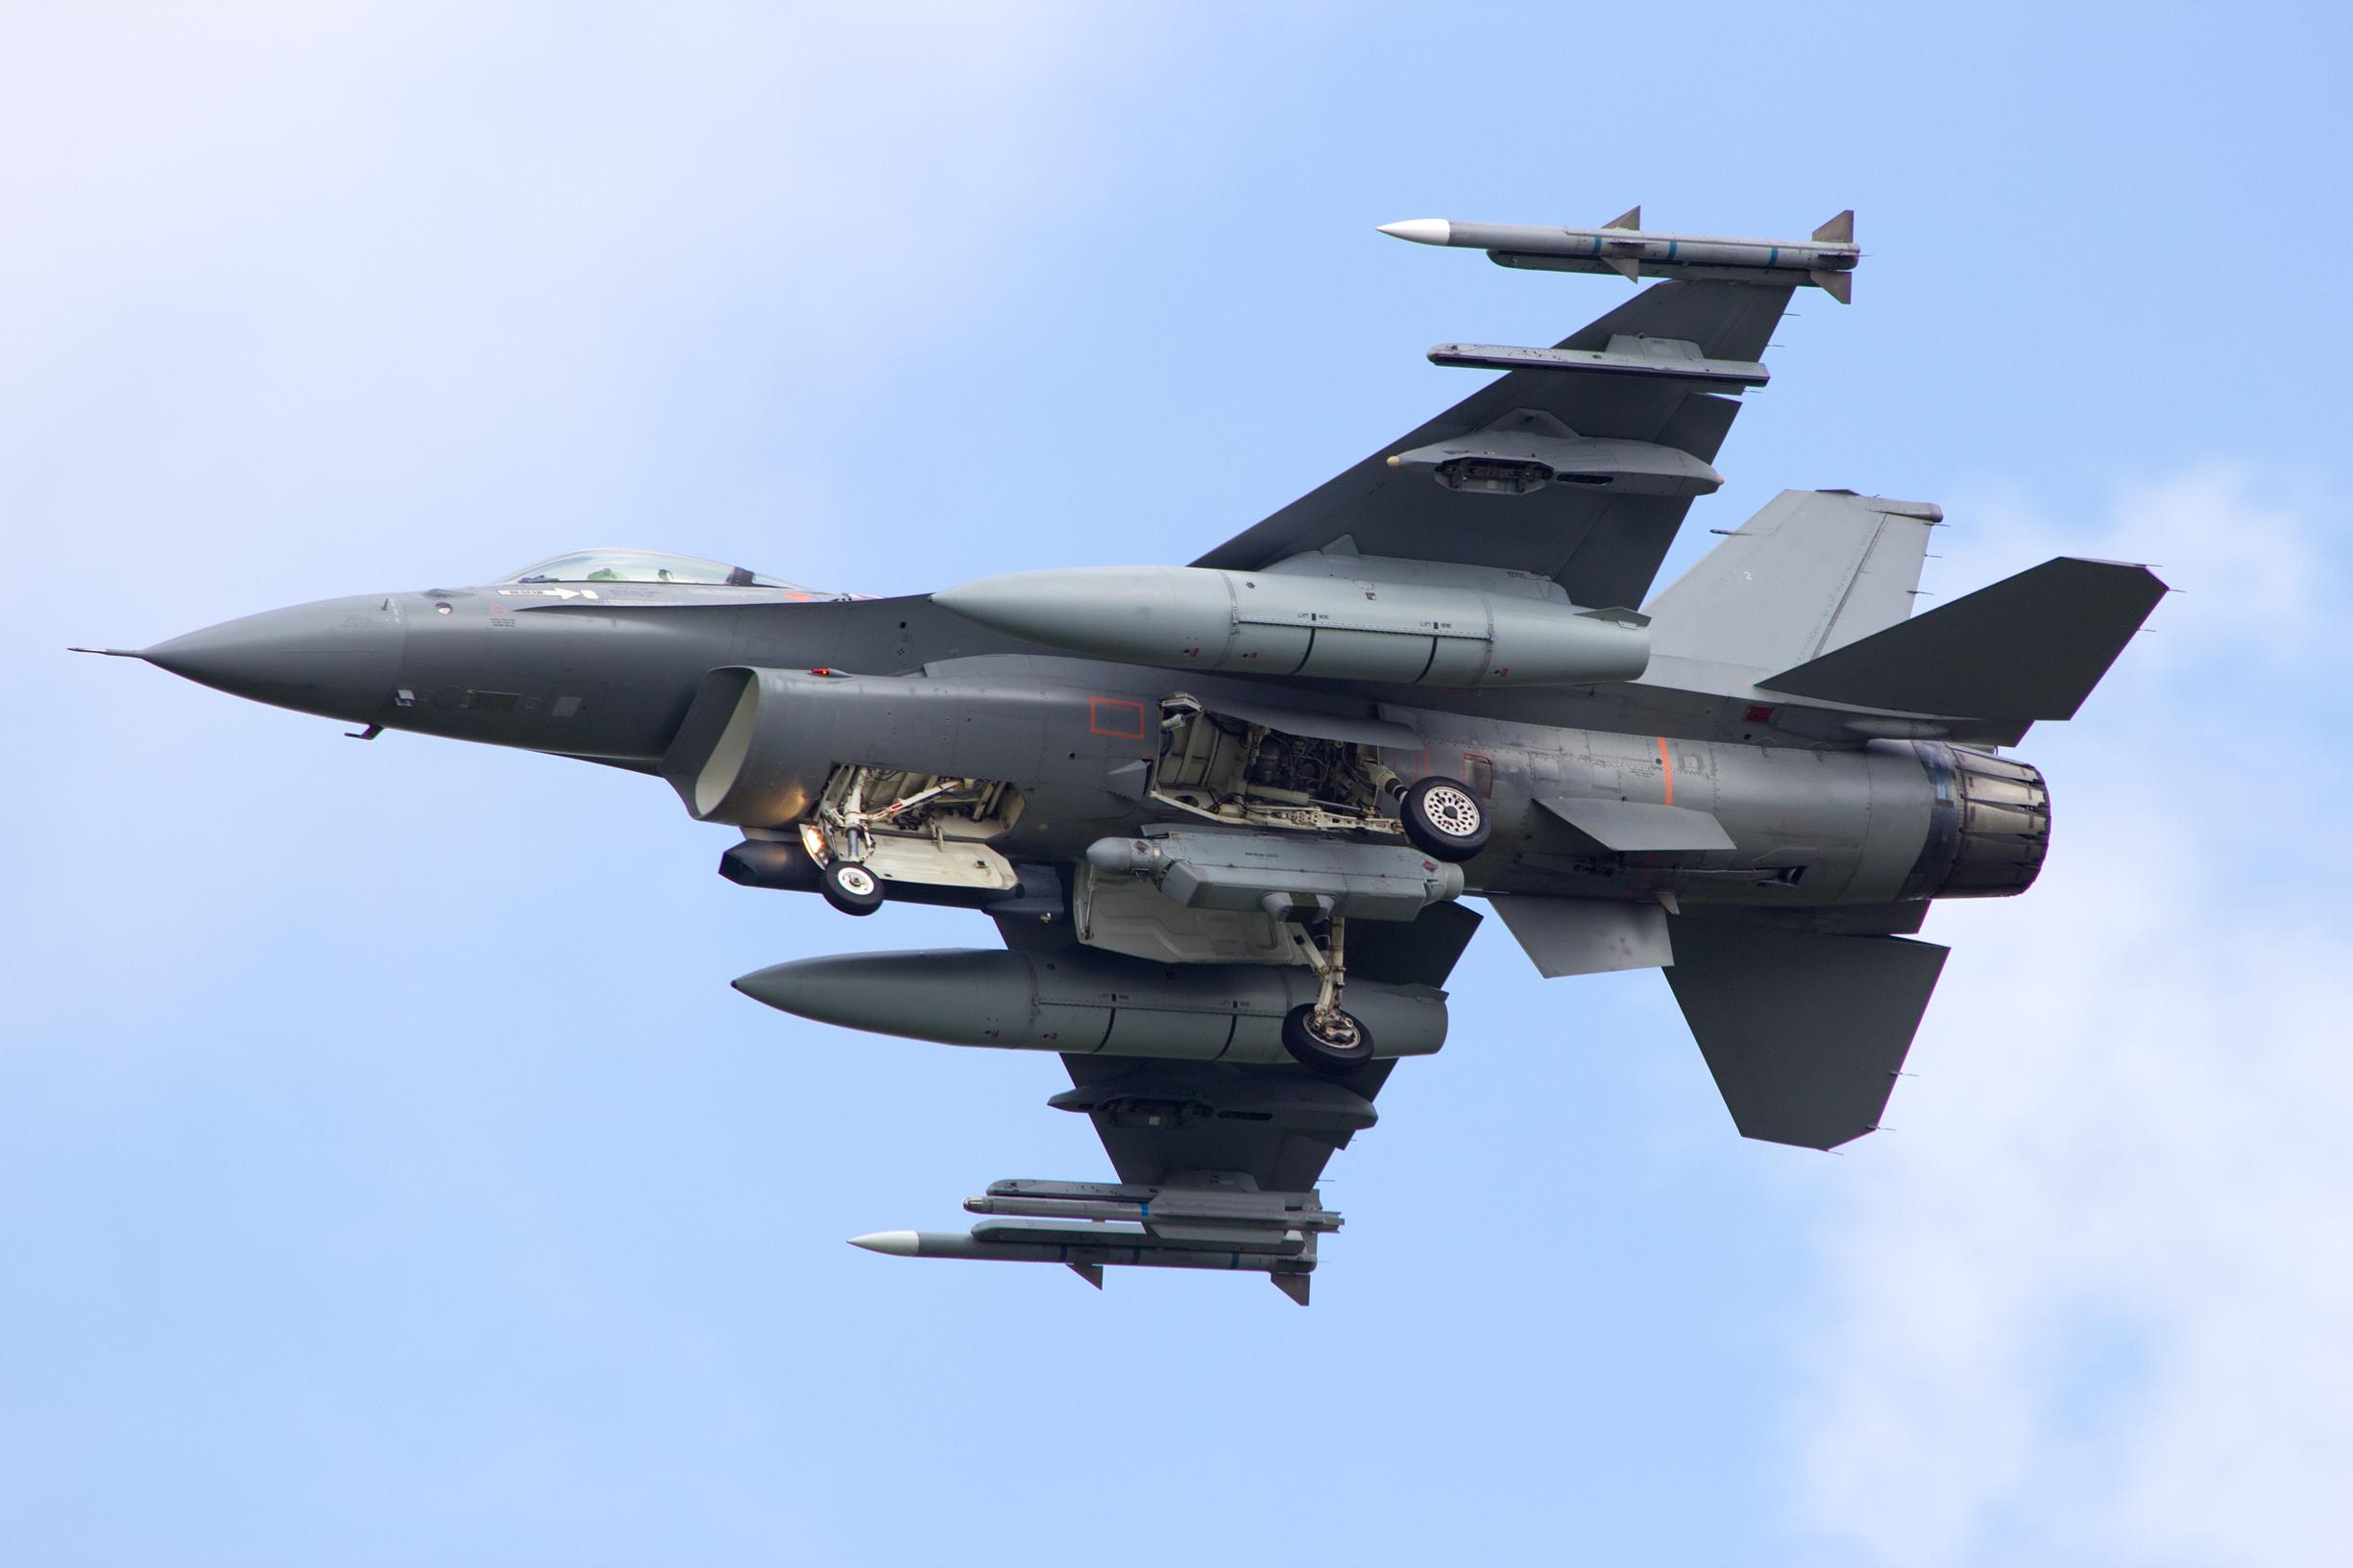 Pentru a doua oara in ultimii ani, un avion F-16 a atacat din greseala un turn de control din Norvegia, in care erau 3 oameni